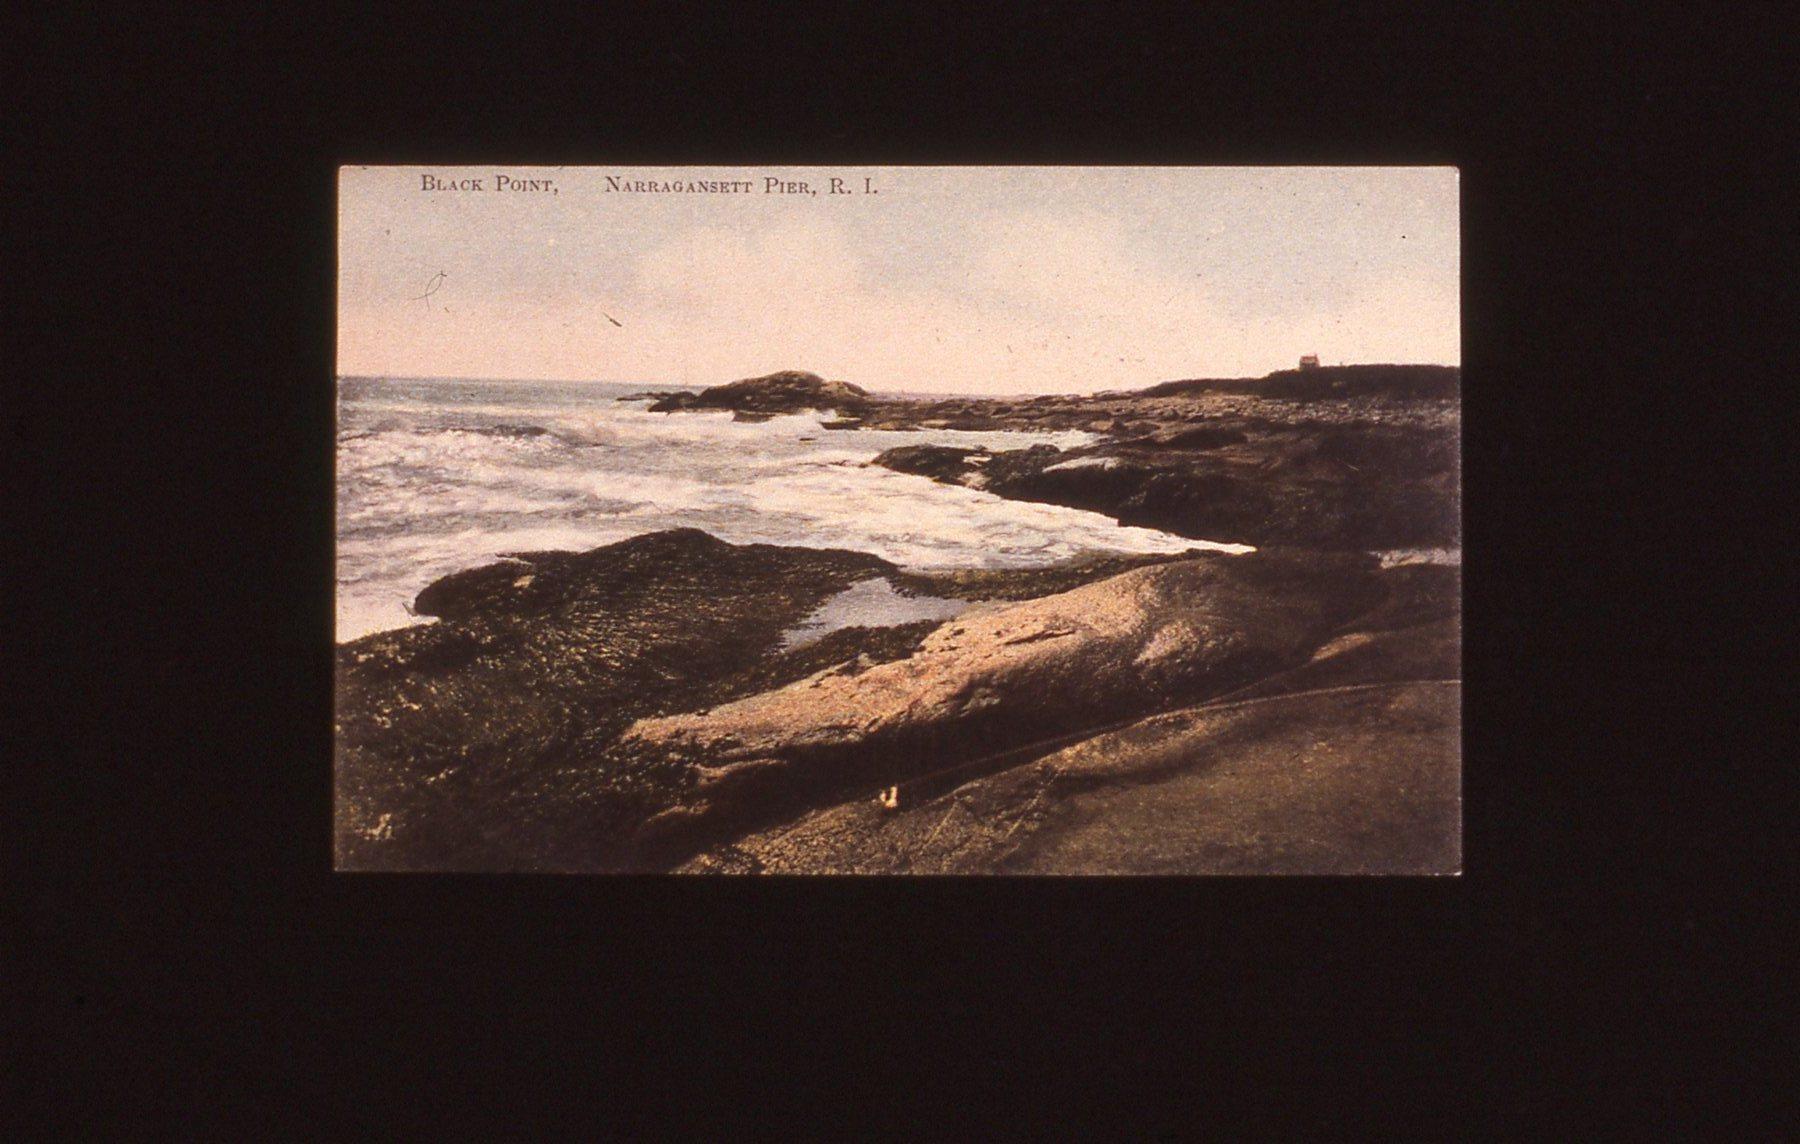 Historic postcard of Black Point in Narragansett, R.I.